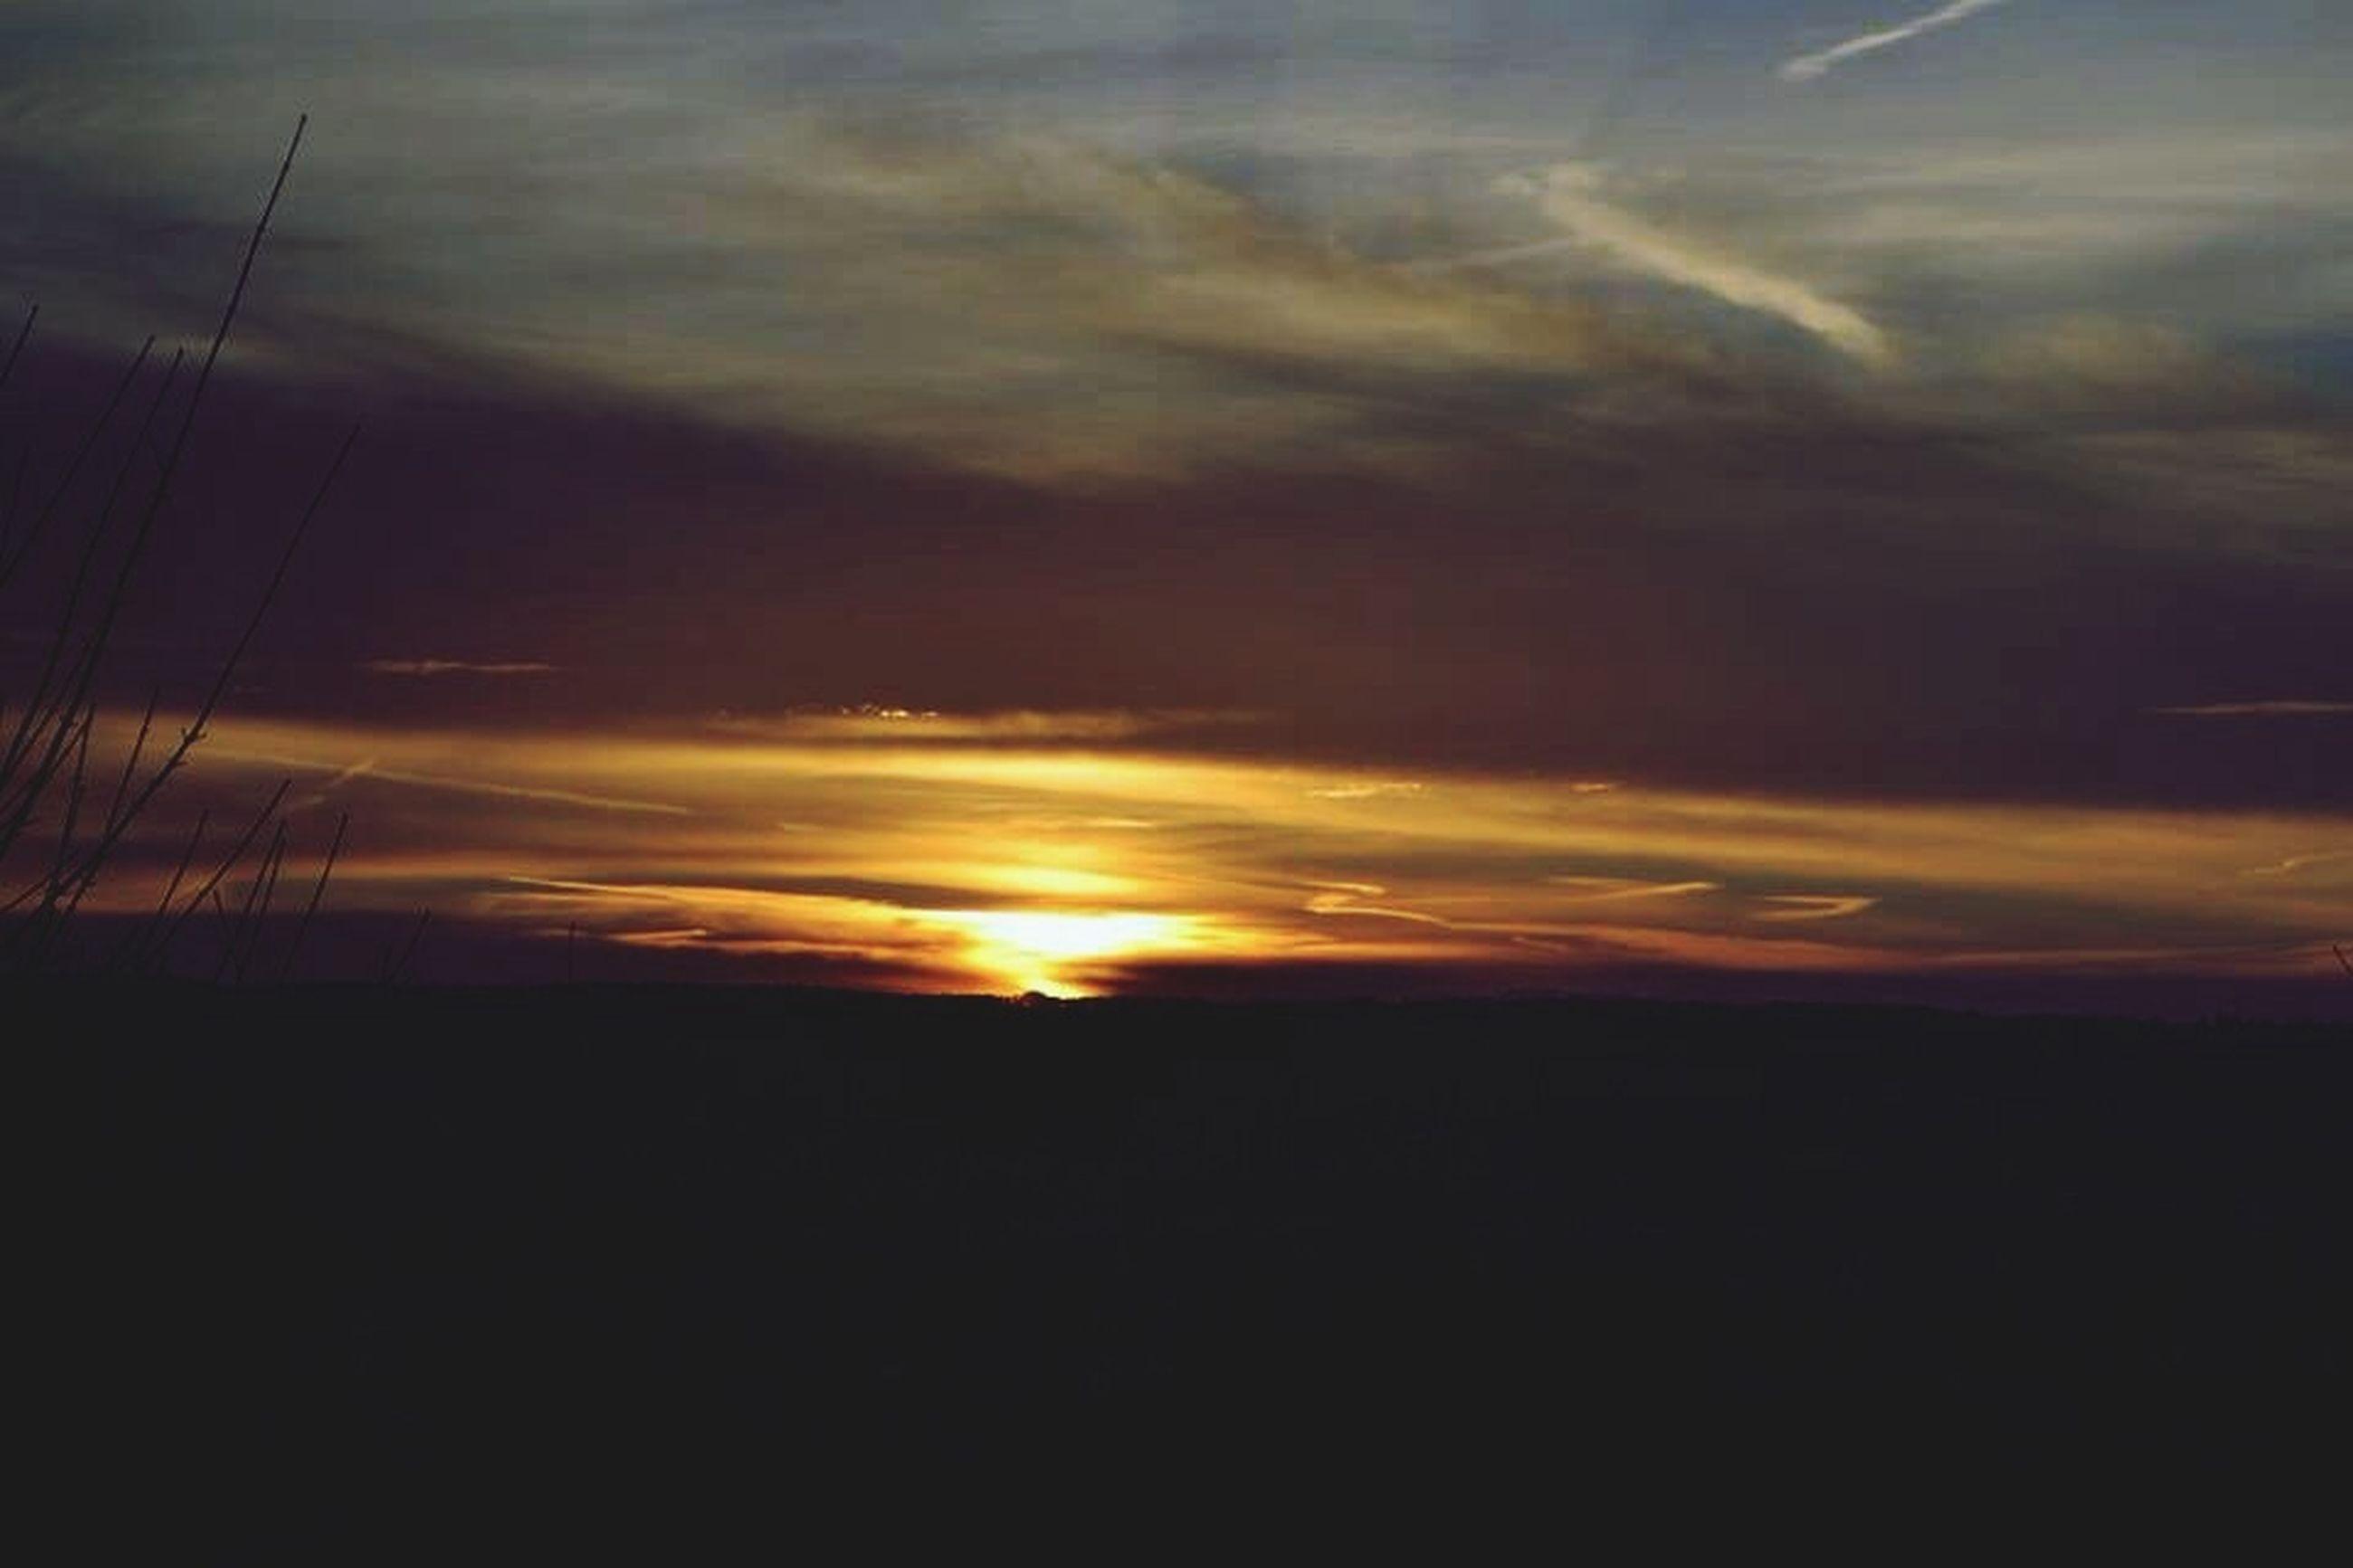 sunset, silhouette, scenics, sky, tranquil scene, sun, beauty in nature, tranquility, orange color, cloud - sky, landscape, idyllic, nature, sunlight, sunbeam, cloud, dramatic sky, outdoors, dark, no people